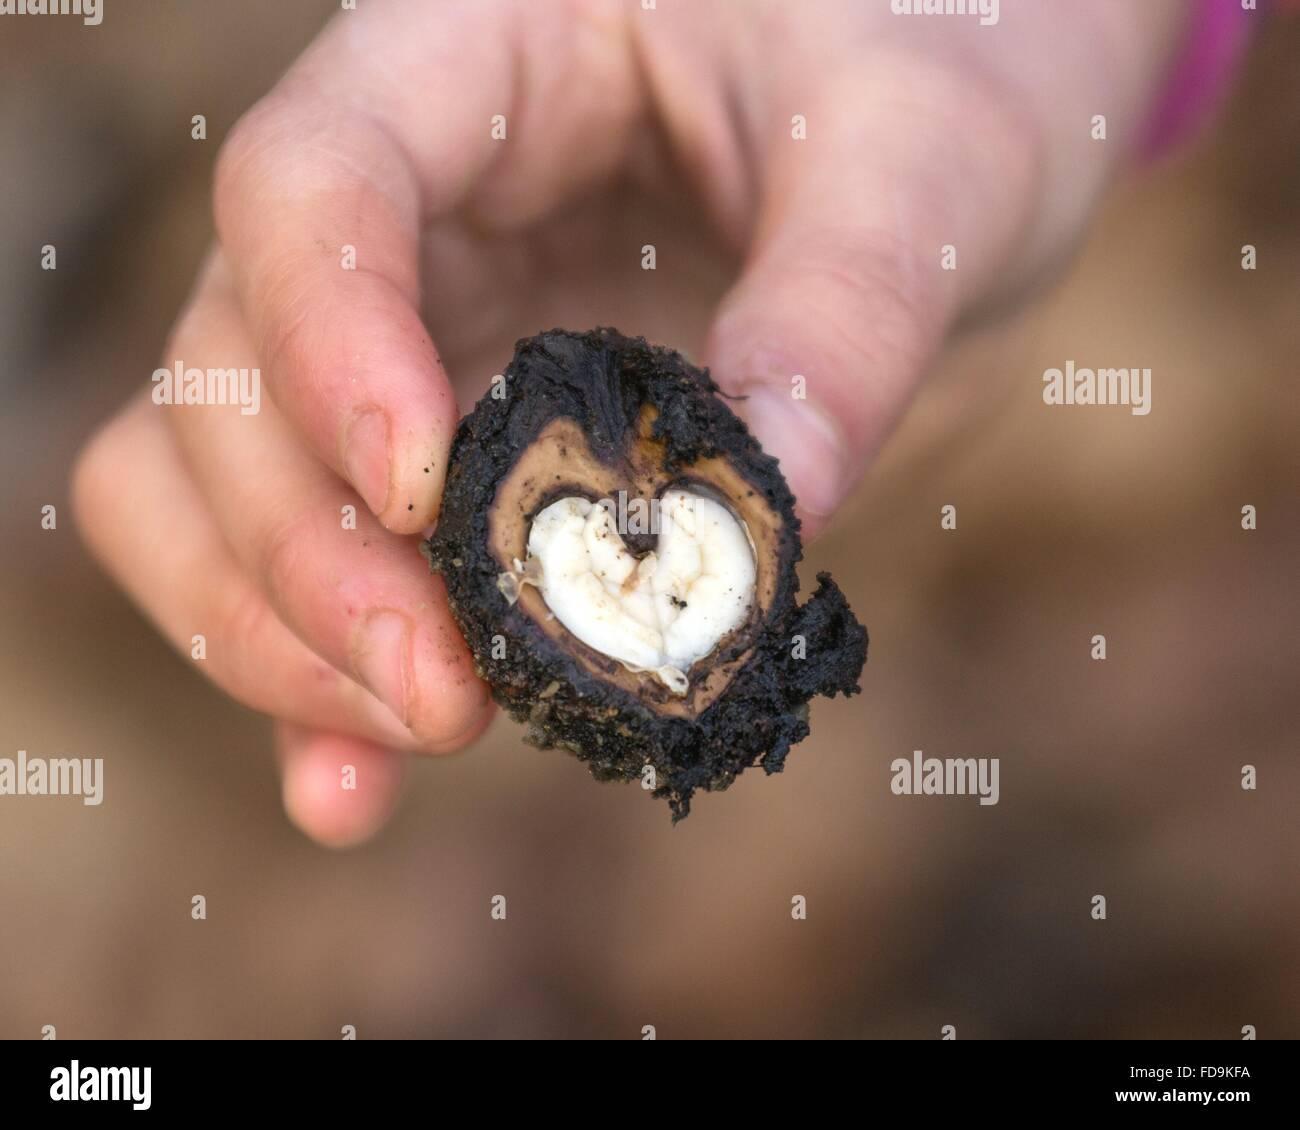 Abgeschnittenen Hand mit Herz Form Wasserkastanien Stockbild